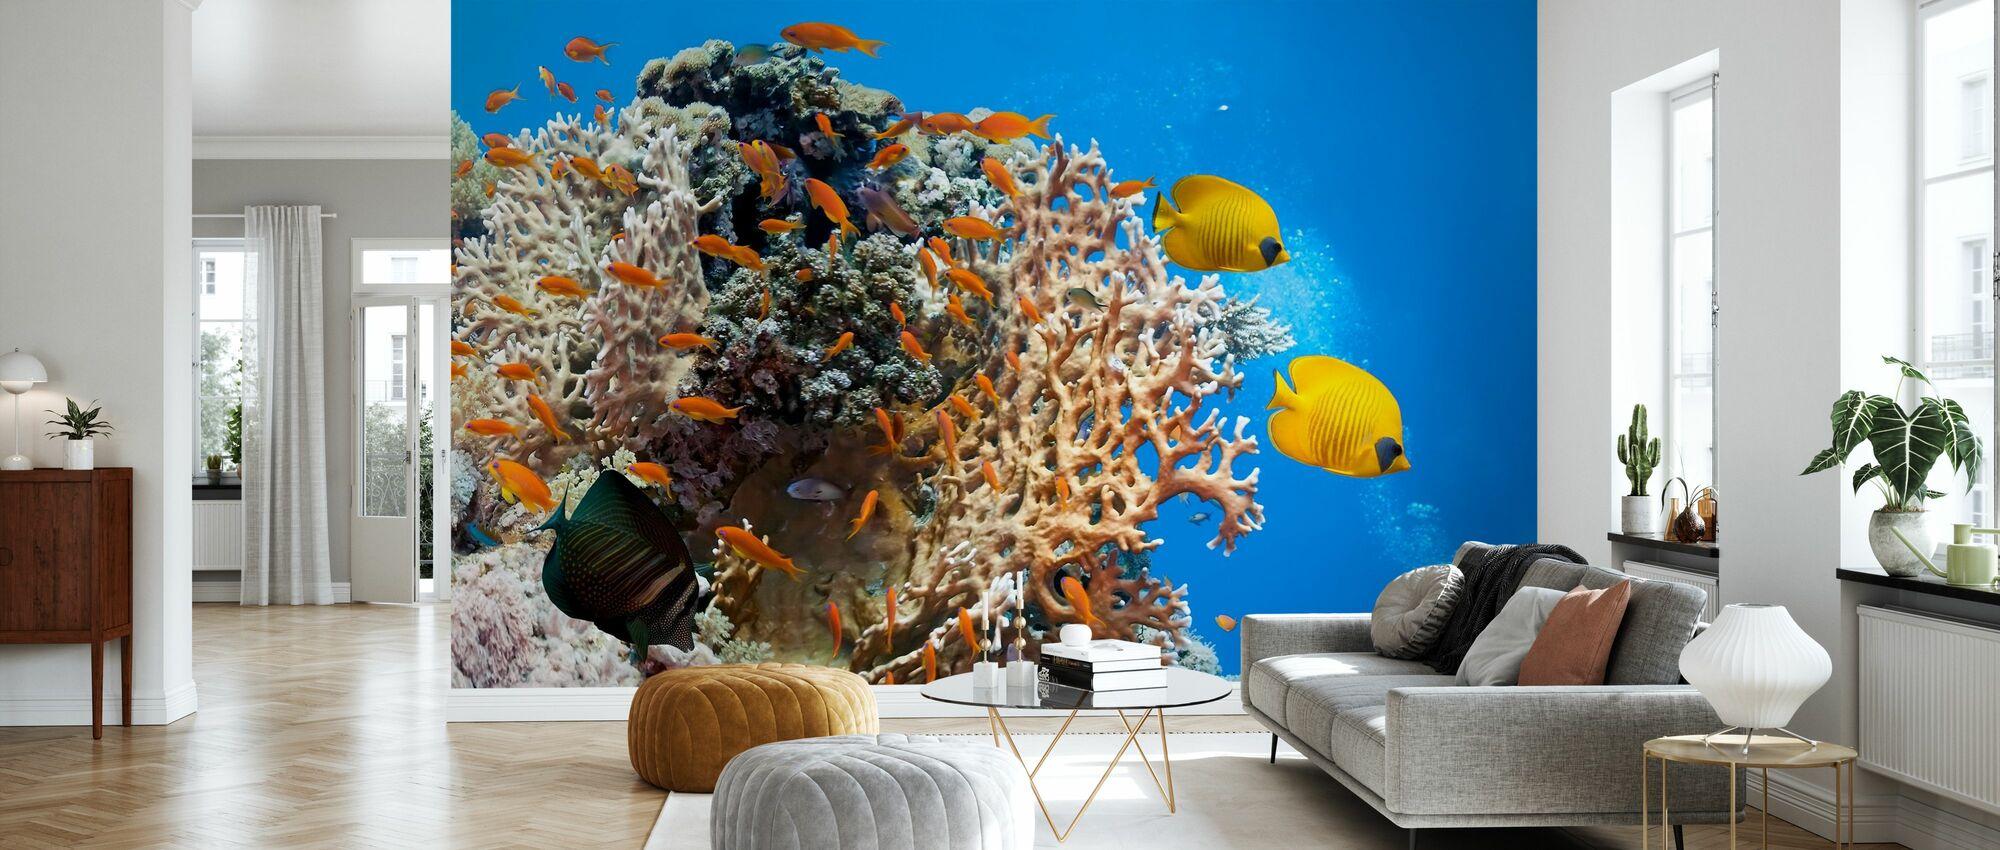 Coral Scene - Panorama - Wallpaper - Living Room